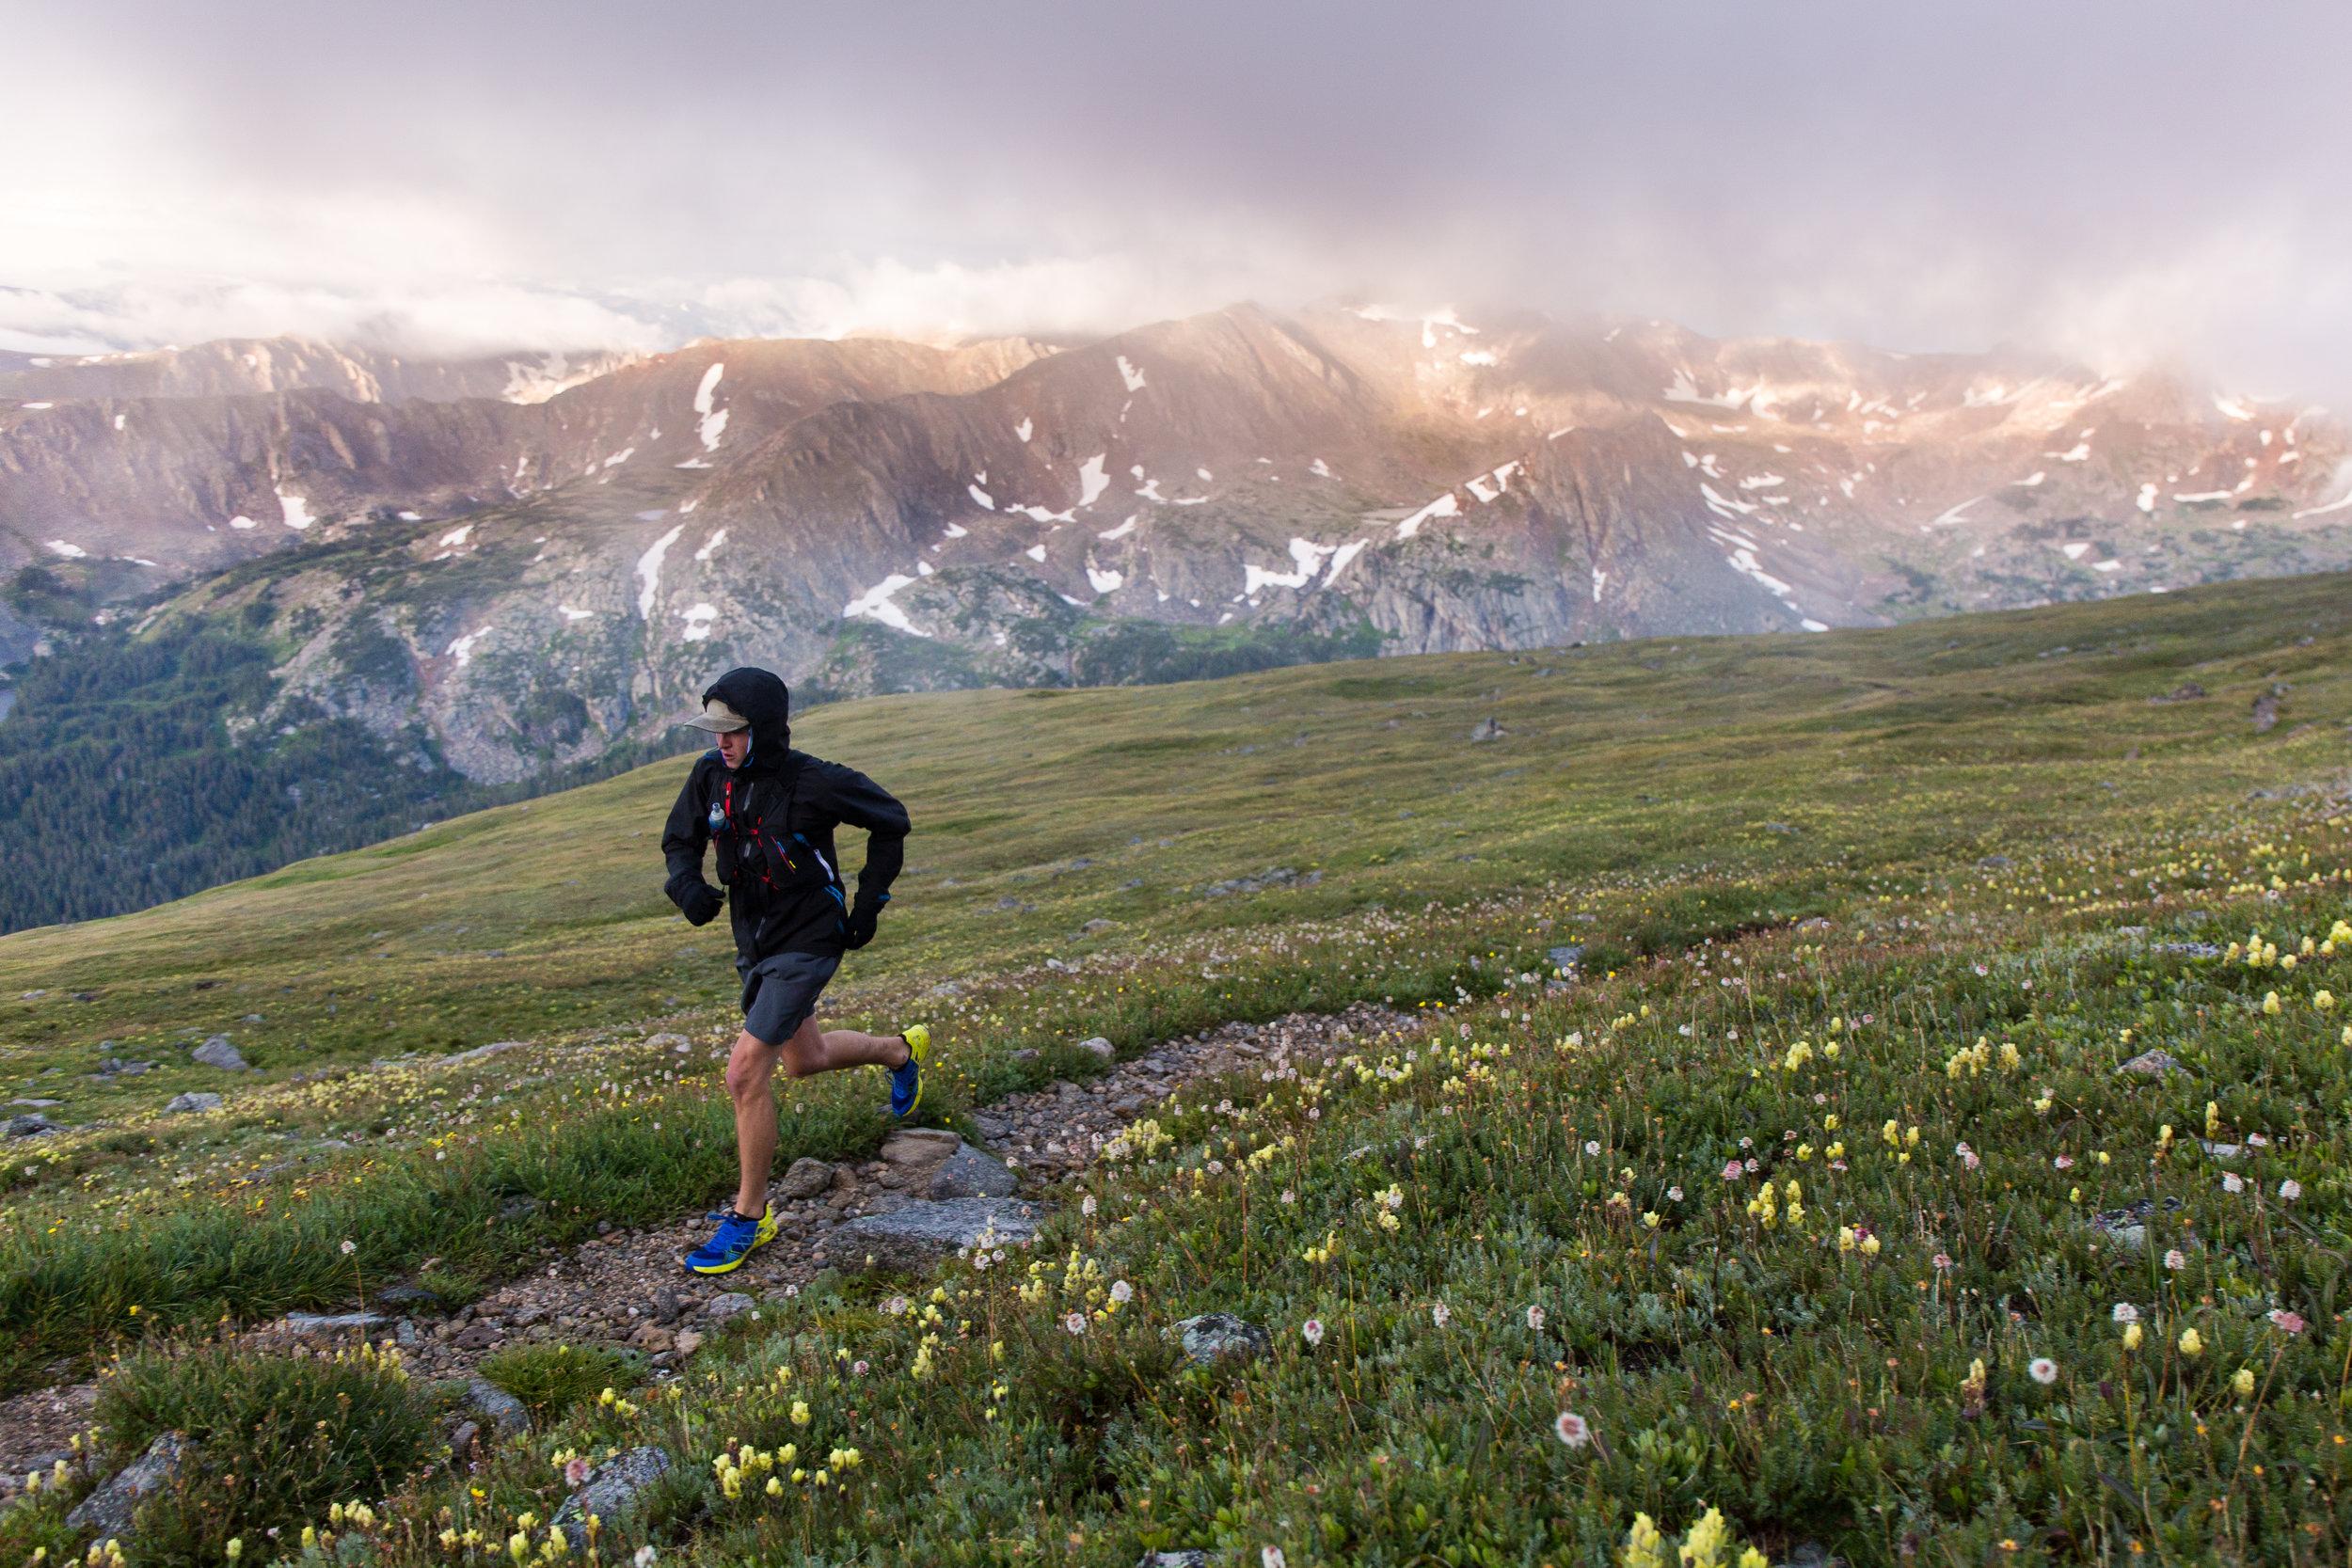 Evan Valencia mid-run up South Arapaho Peak in Indian Peaks Wilderness.